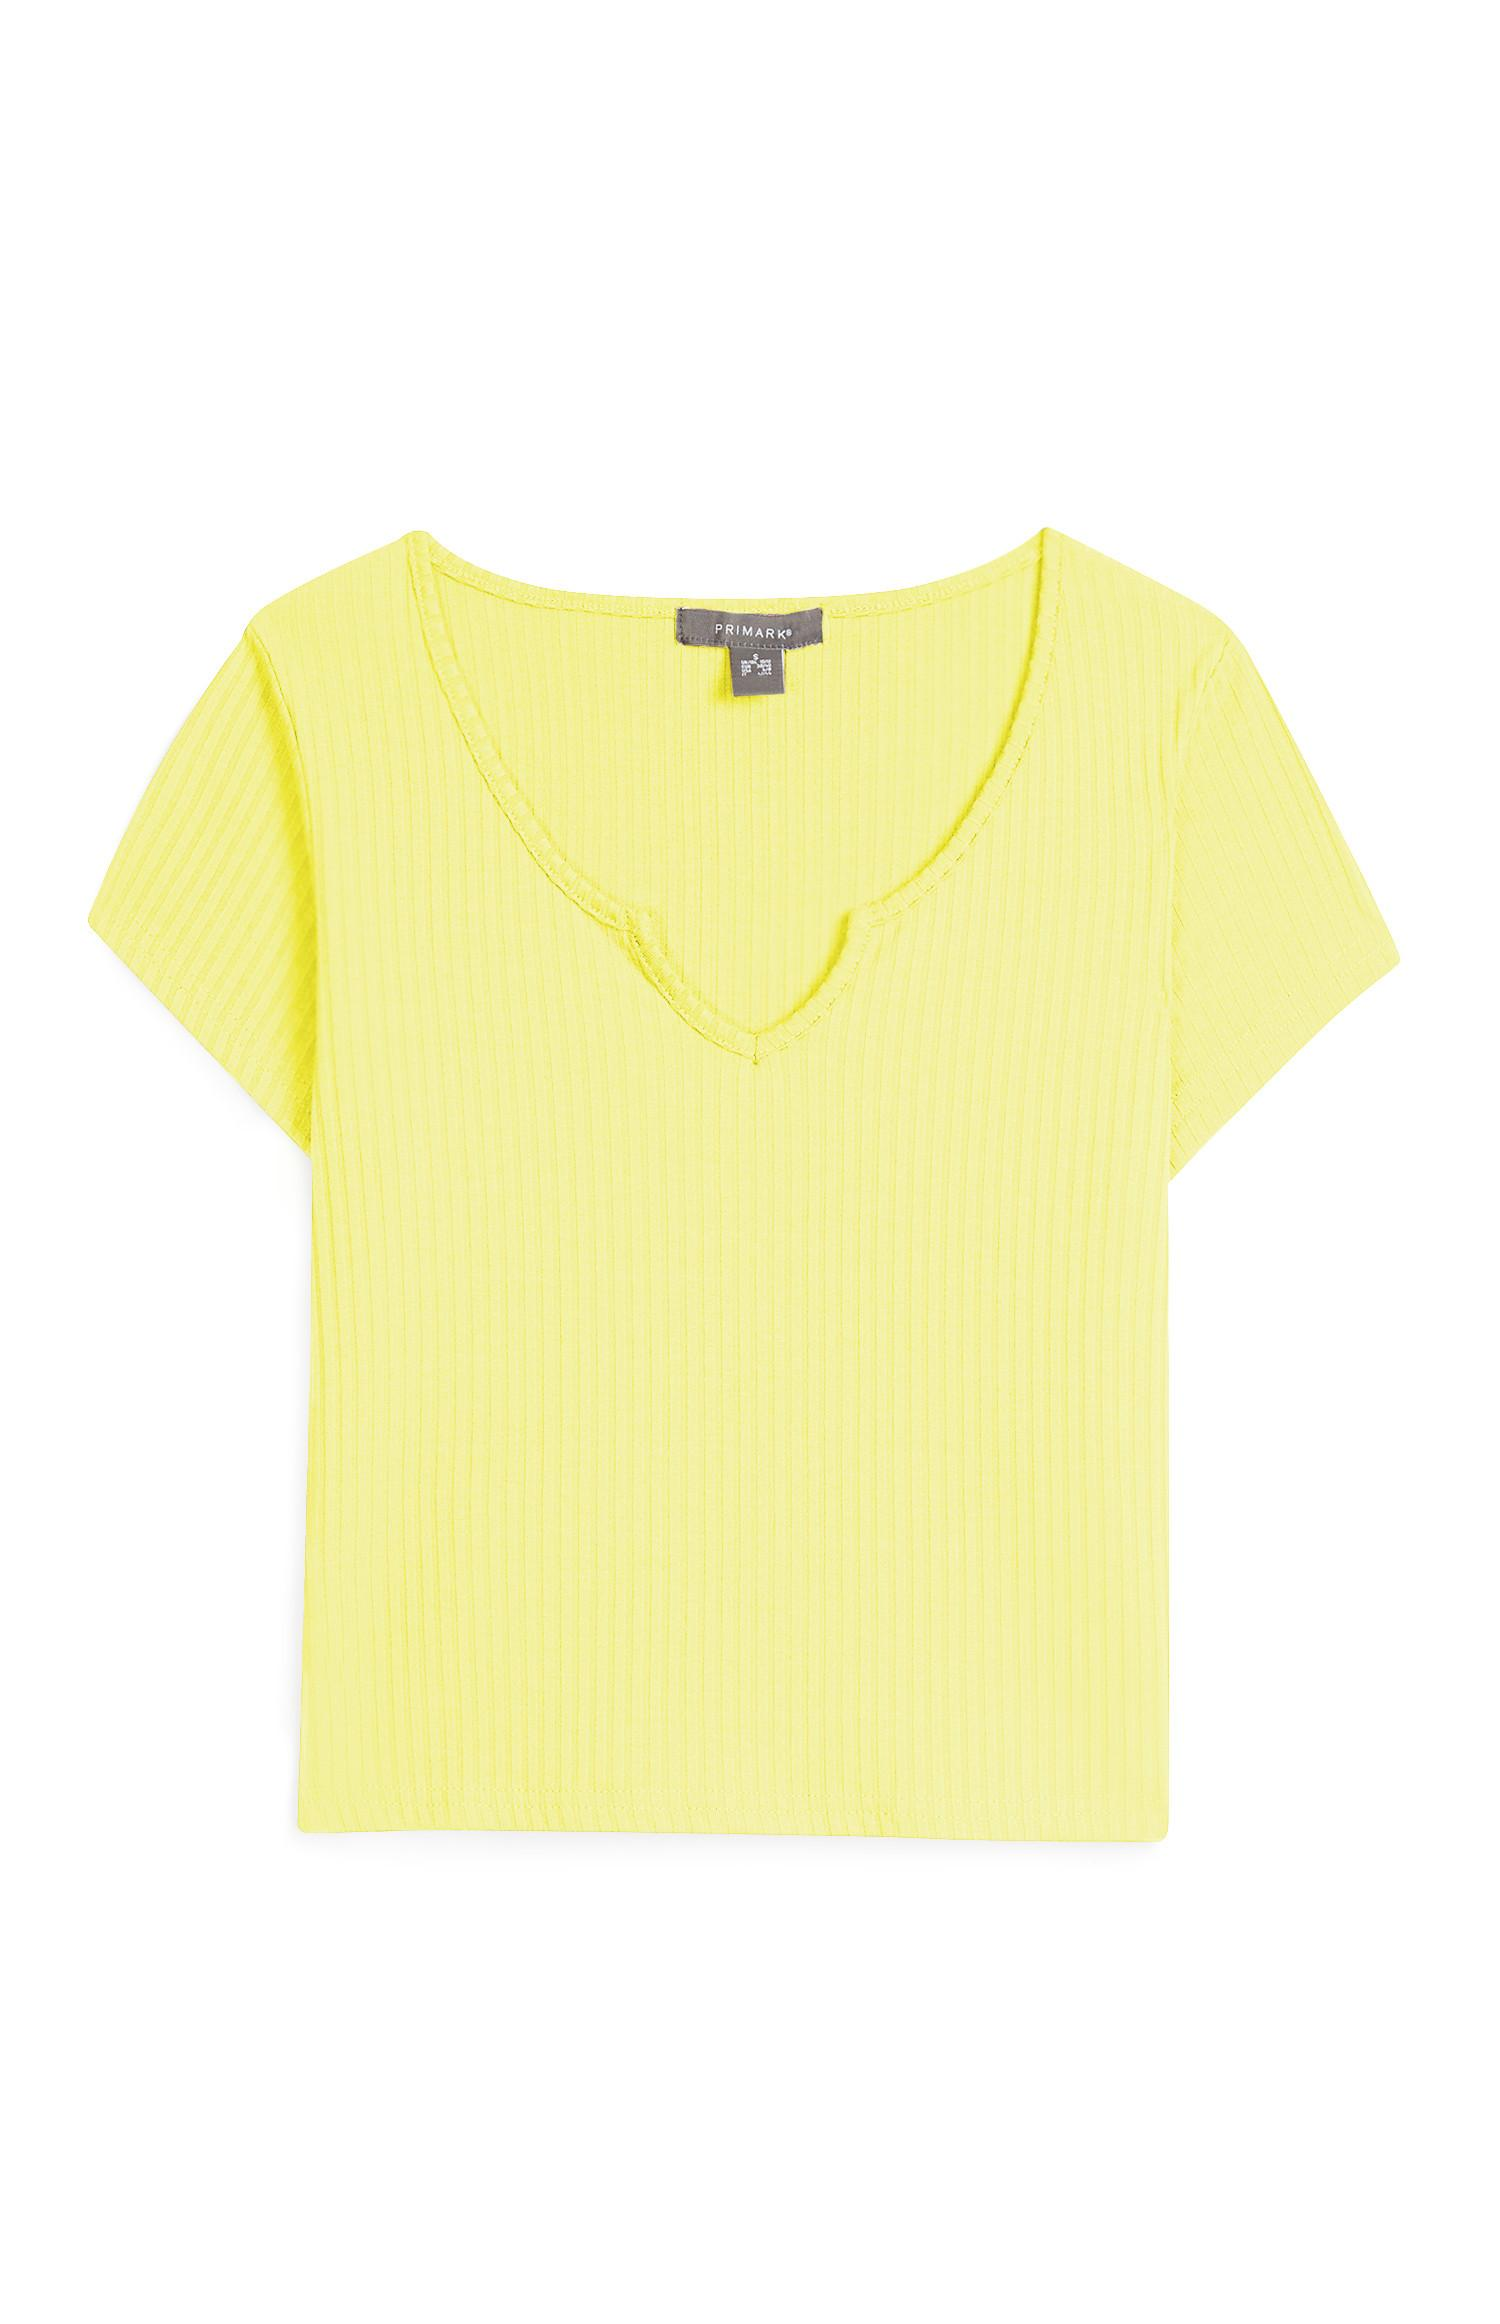 Geripptes T-Shirt in Gelb